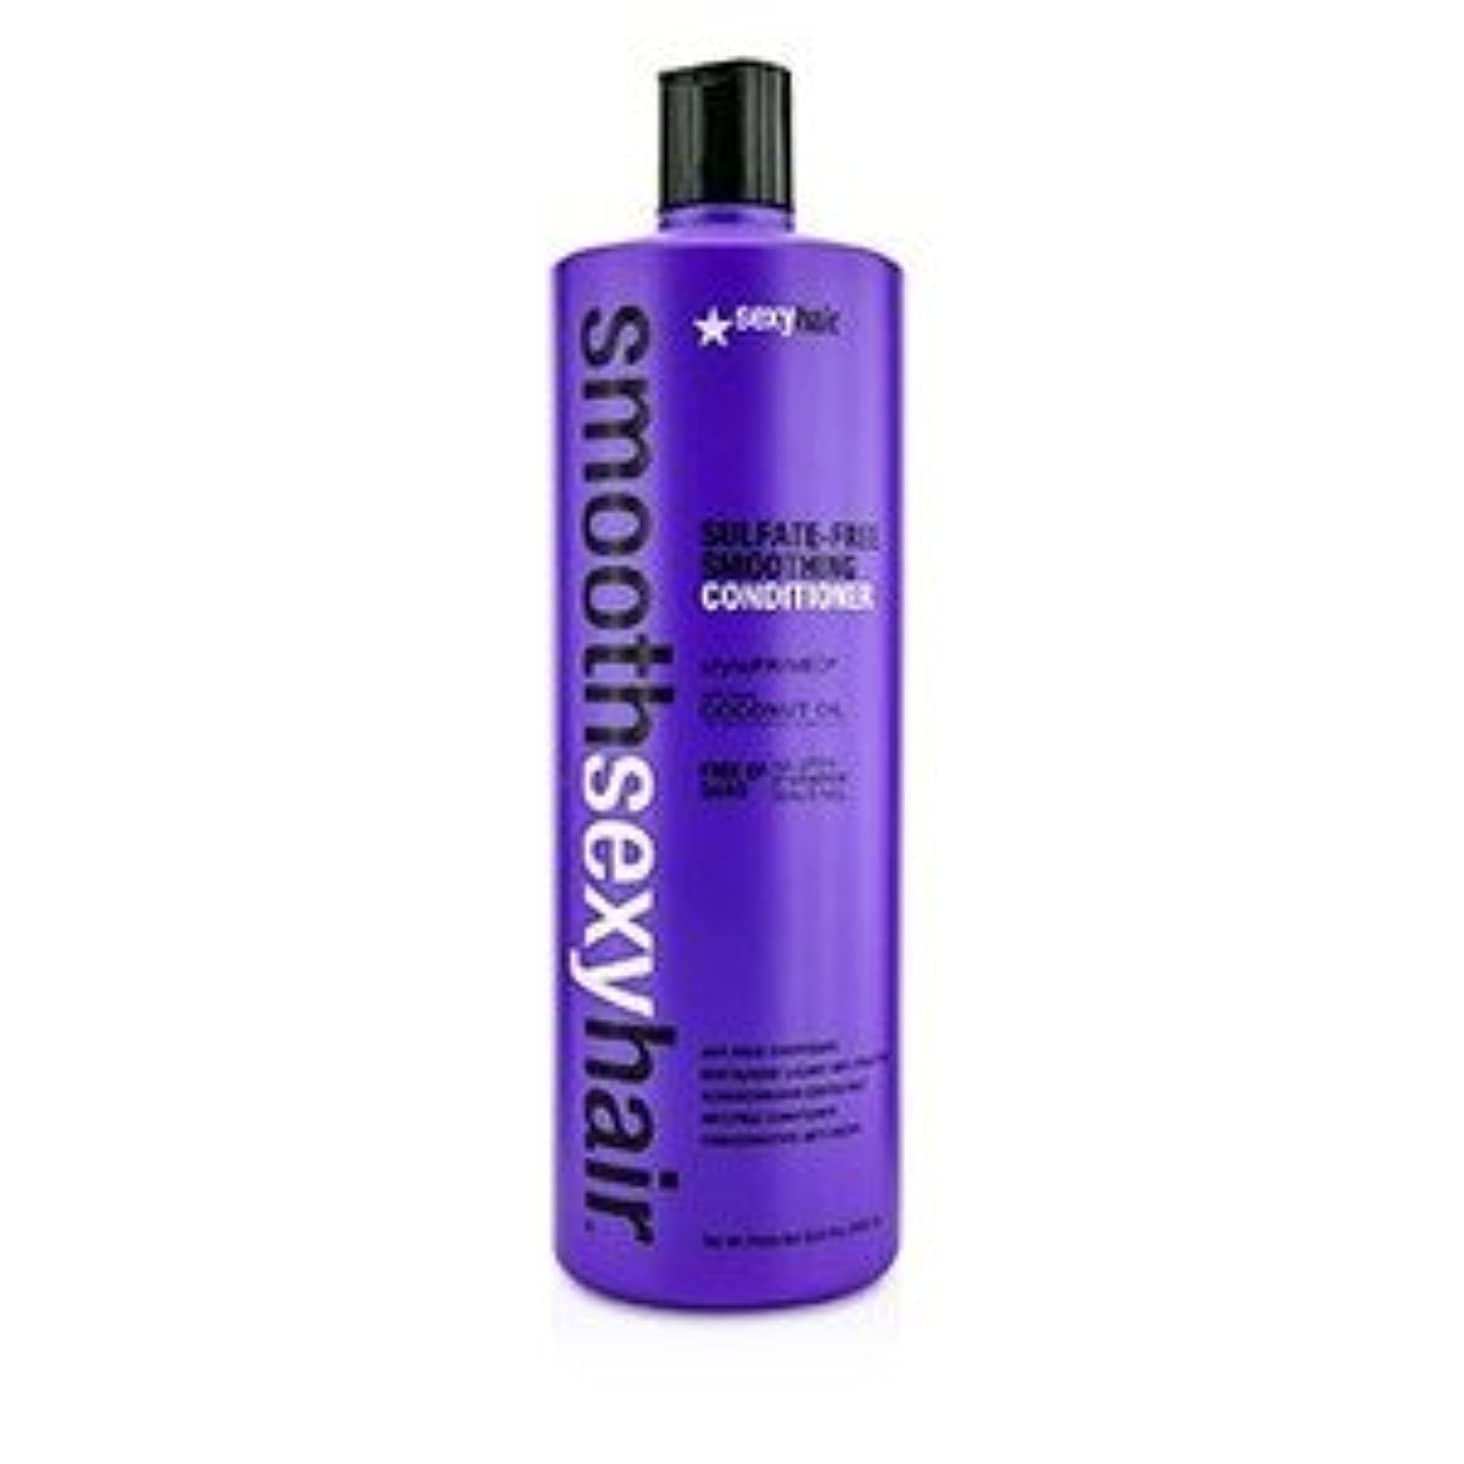 発明天才いたずらSexy Hair スムース セクシー ヘア サルフェートフリー スムージング コンディショナー(Anti-Frizz) 1000ml/33.8oz [並行輸入品]